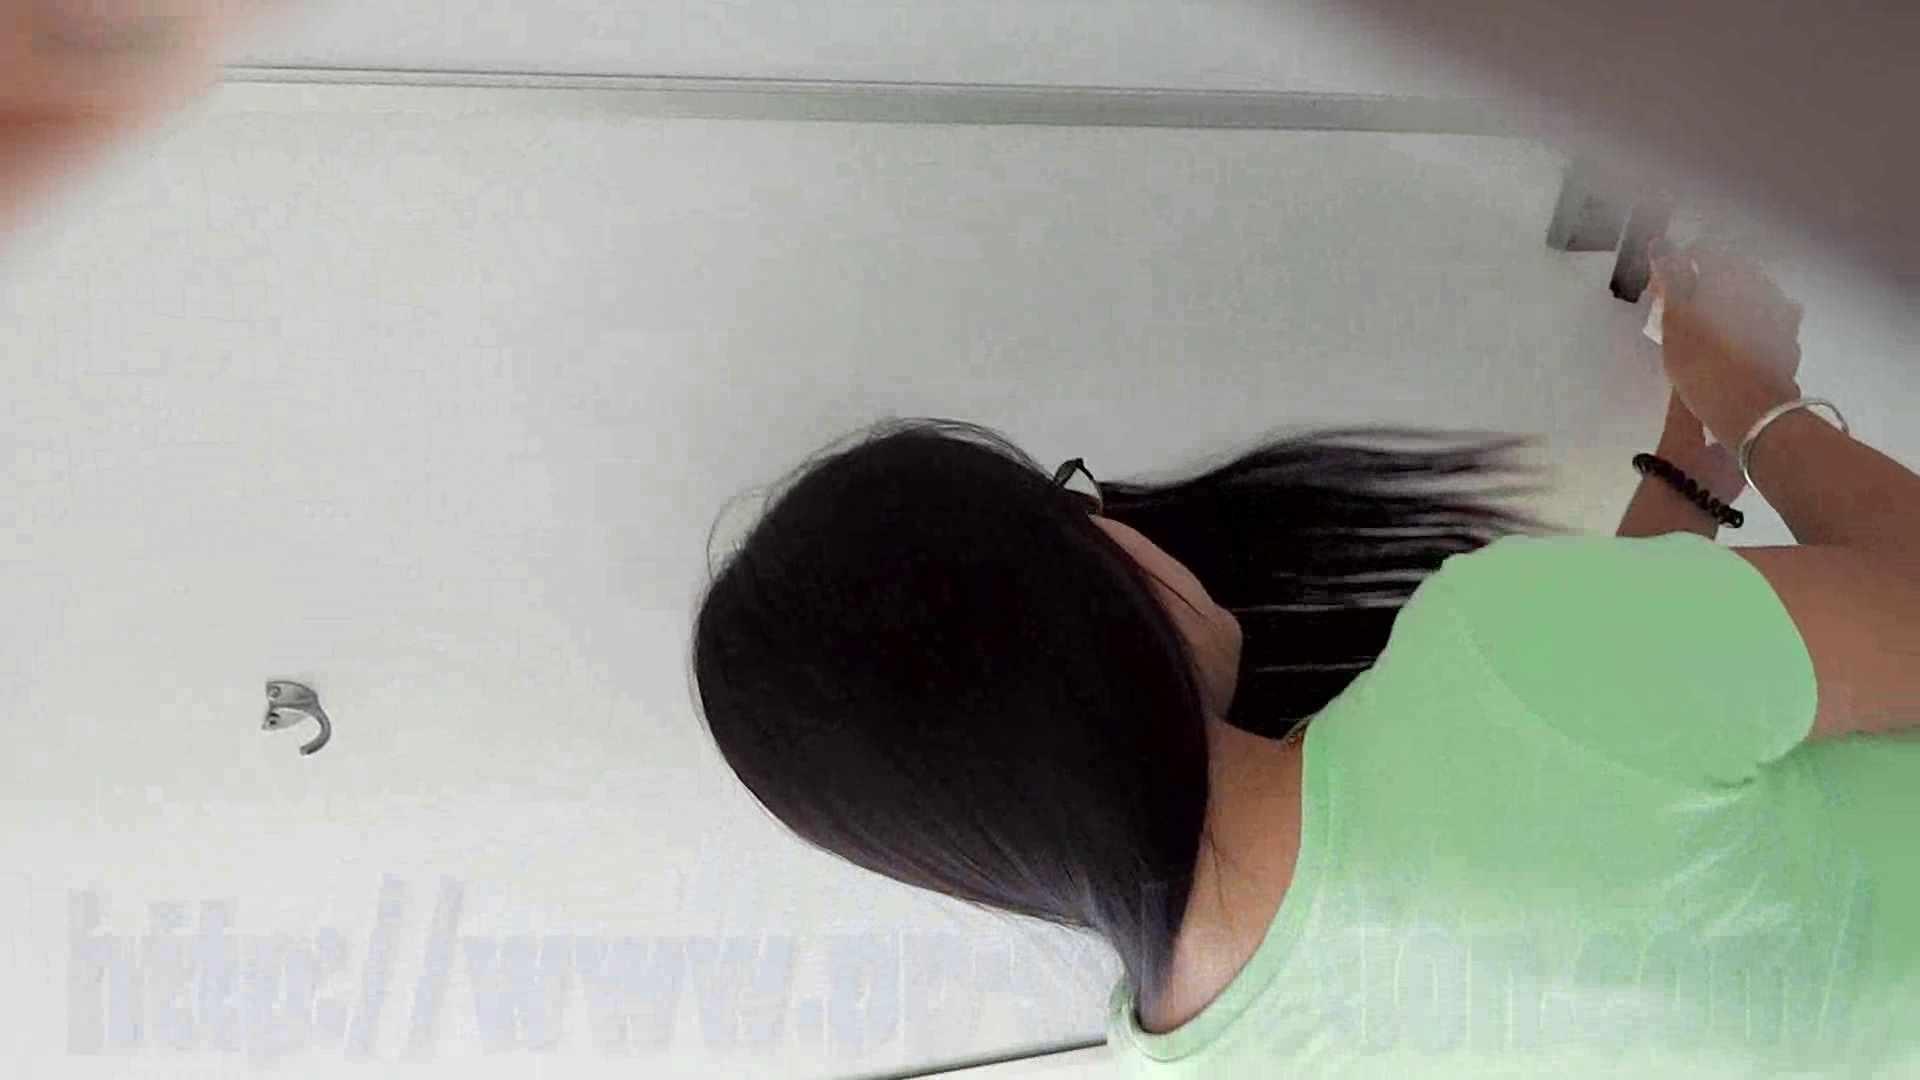 なんだこれ!! Vol.08 遂に美女登場!! OLエロ画像 隠し撮りオマンコ動画紹介 94PICs 5